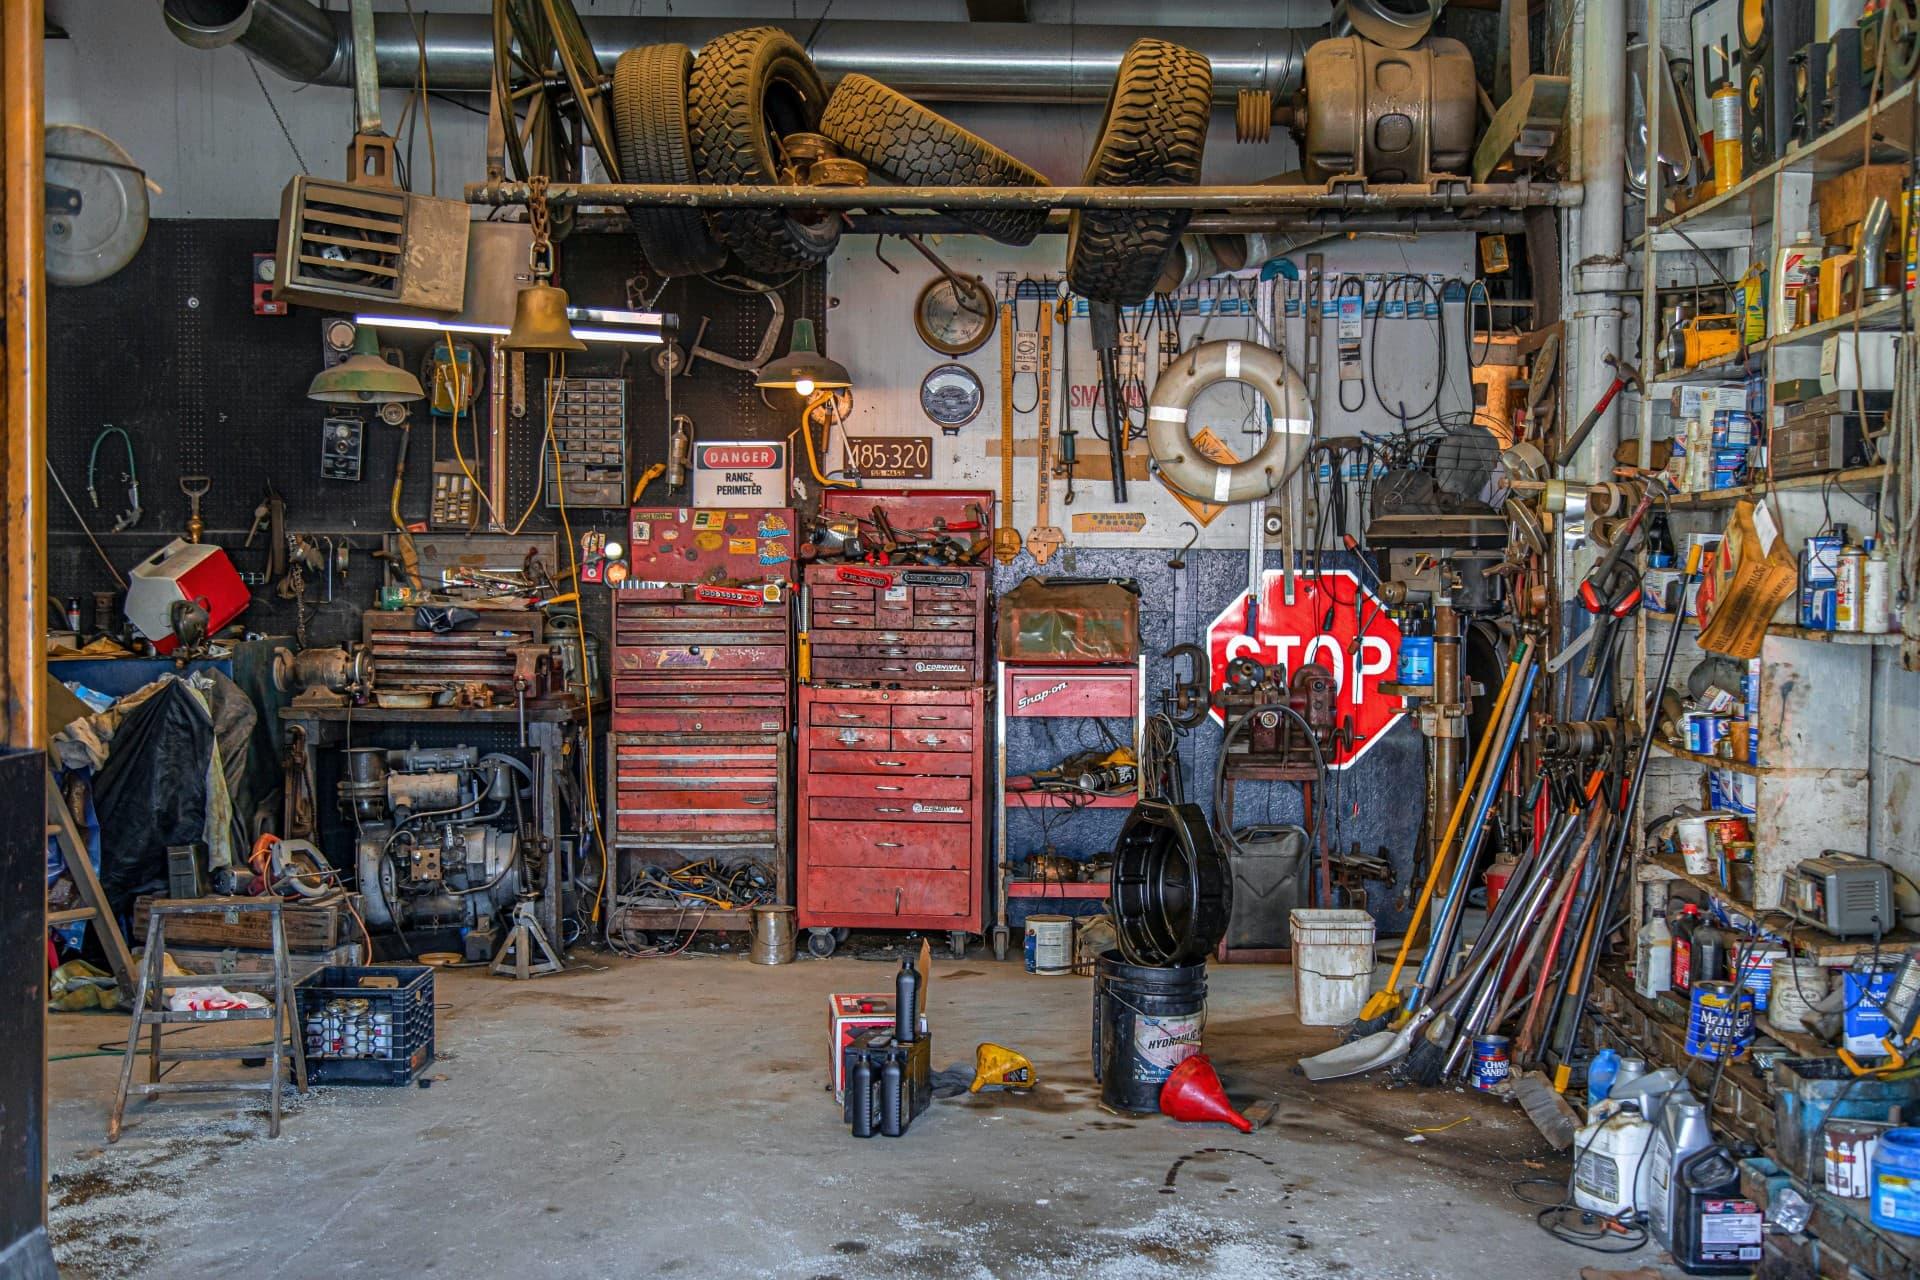 Schrauberwerkstatt - Ausstattung, Einrichtung, Werkzeug